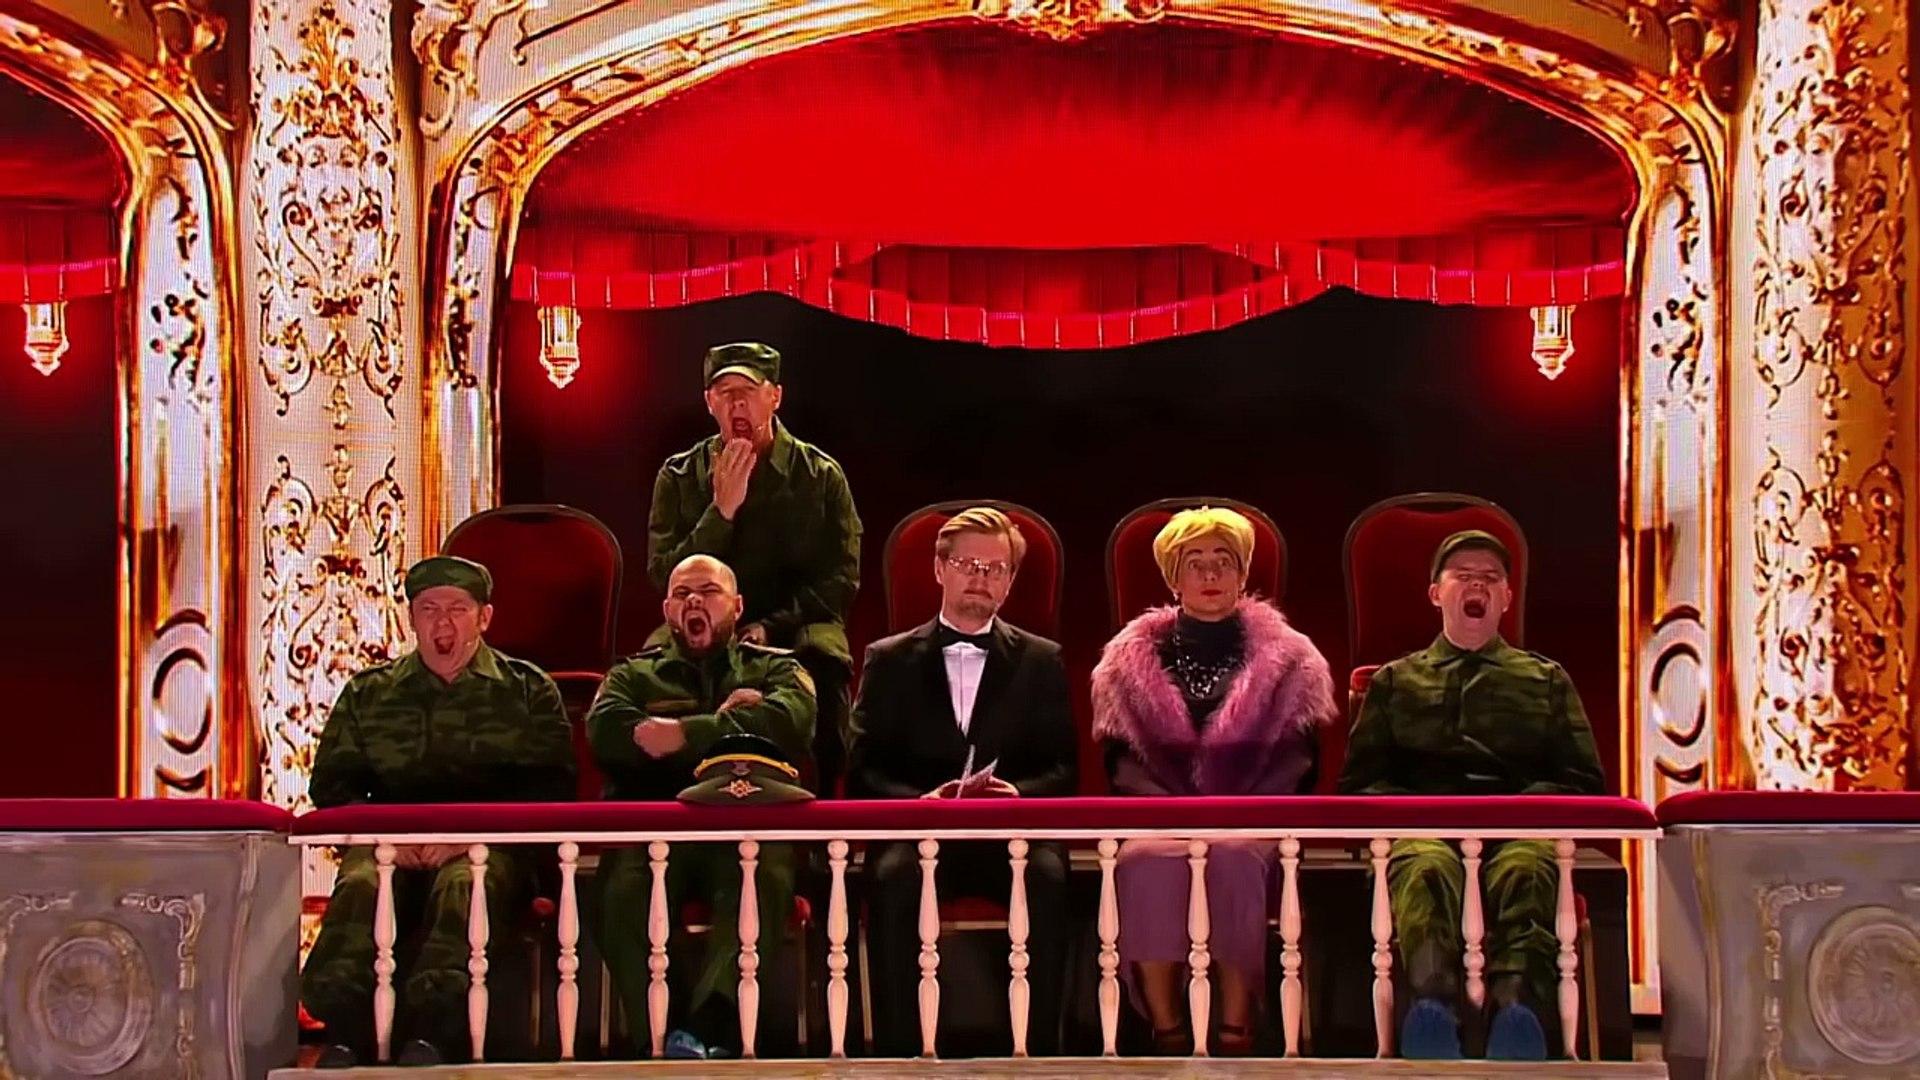 Солдаты в опере - Джентльмены без сдачи - Уральские Пельмени (2018)